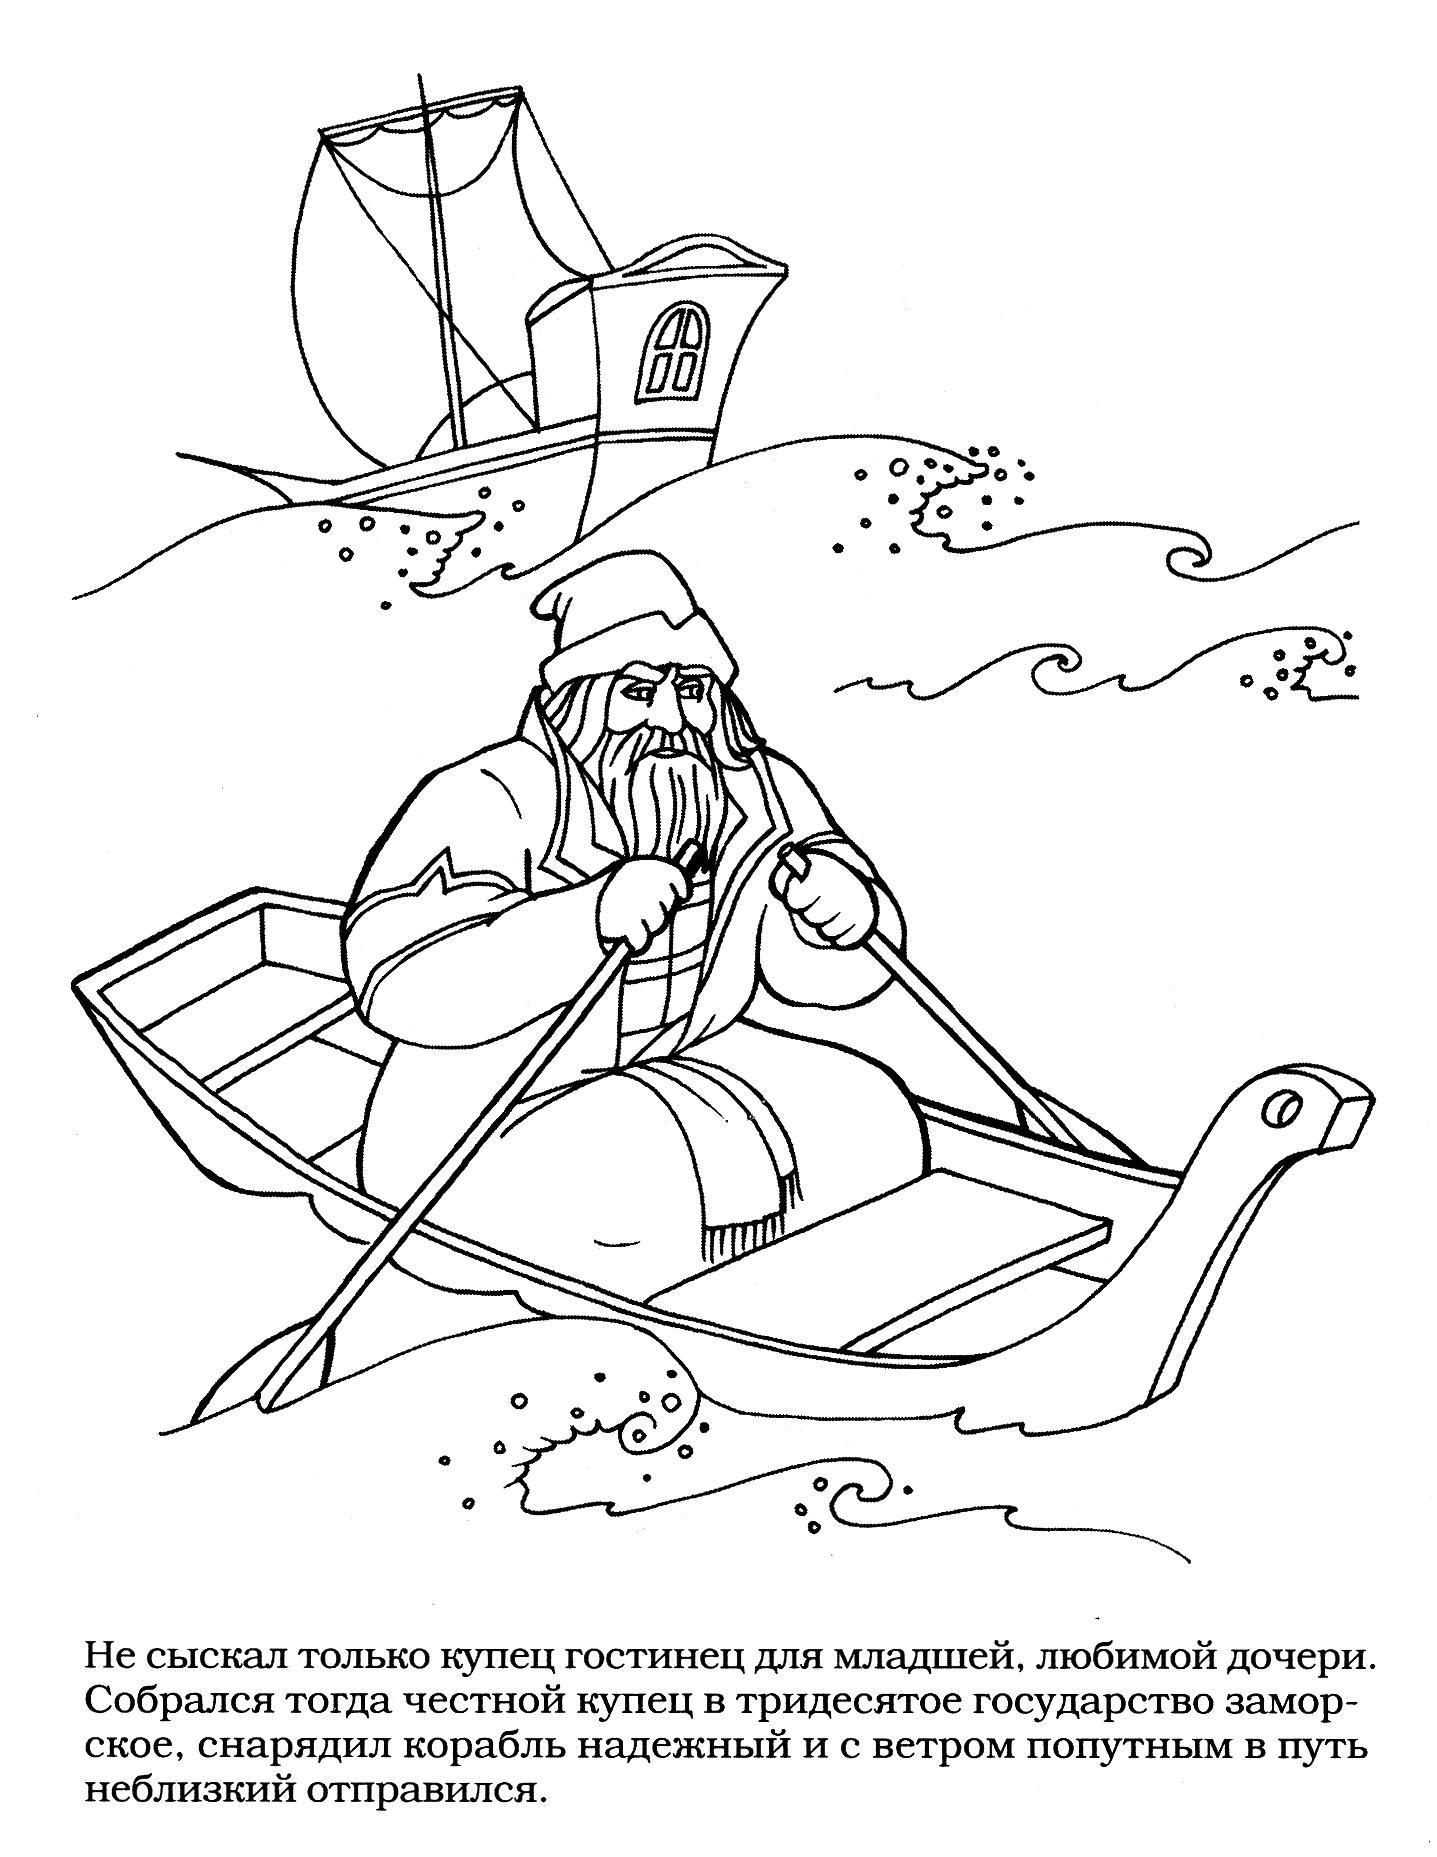 Раскраска купец в лодке. раскраска лодочка, корабль, море, раскраска из сказки аленький цветочек